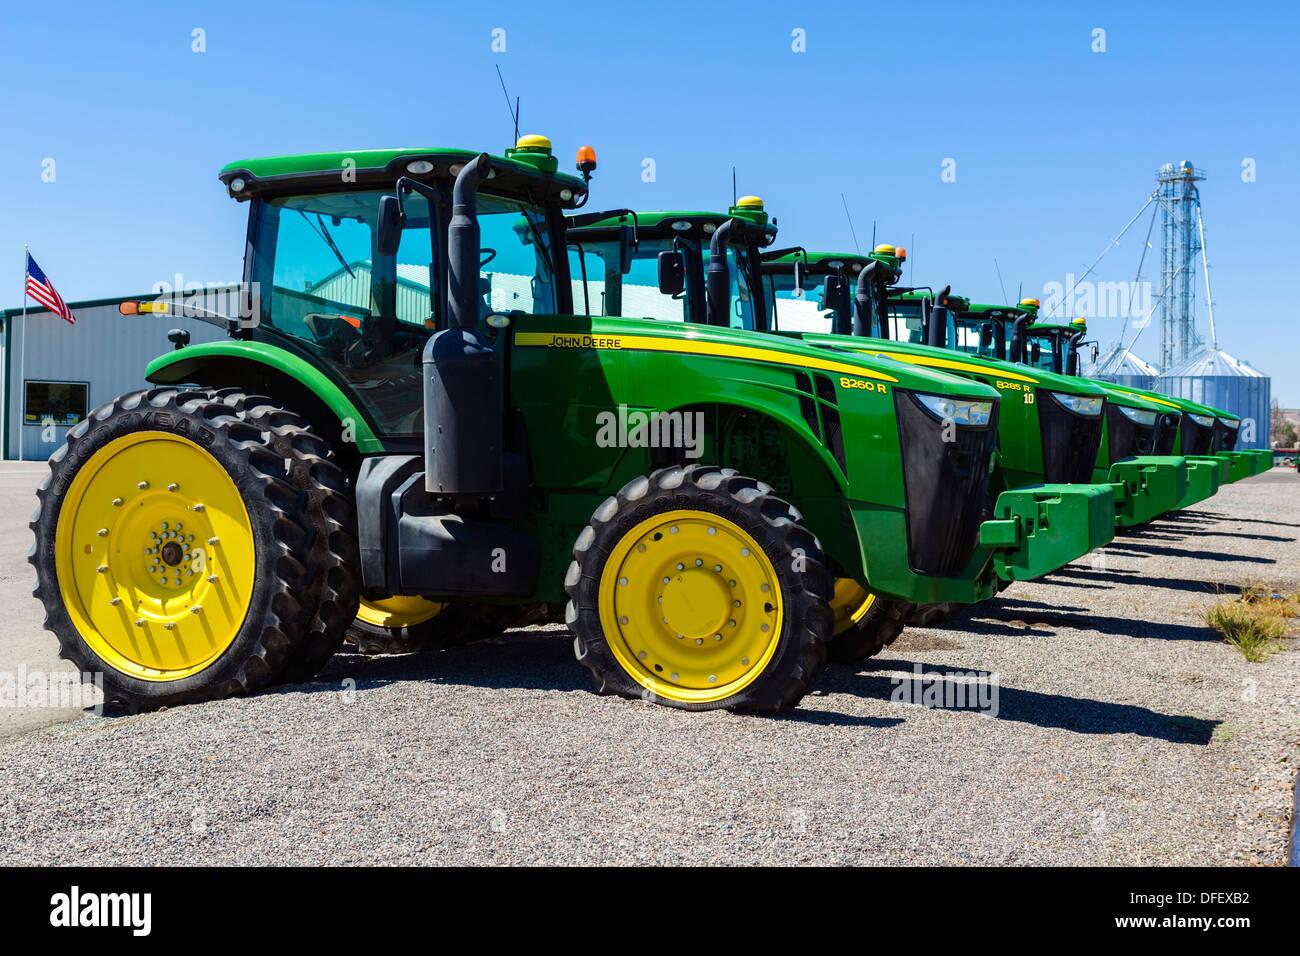 Eine Reihe von John Deere Traktoren außerhalb ein Händler in Idaho, USA Stockfoto